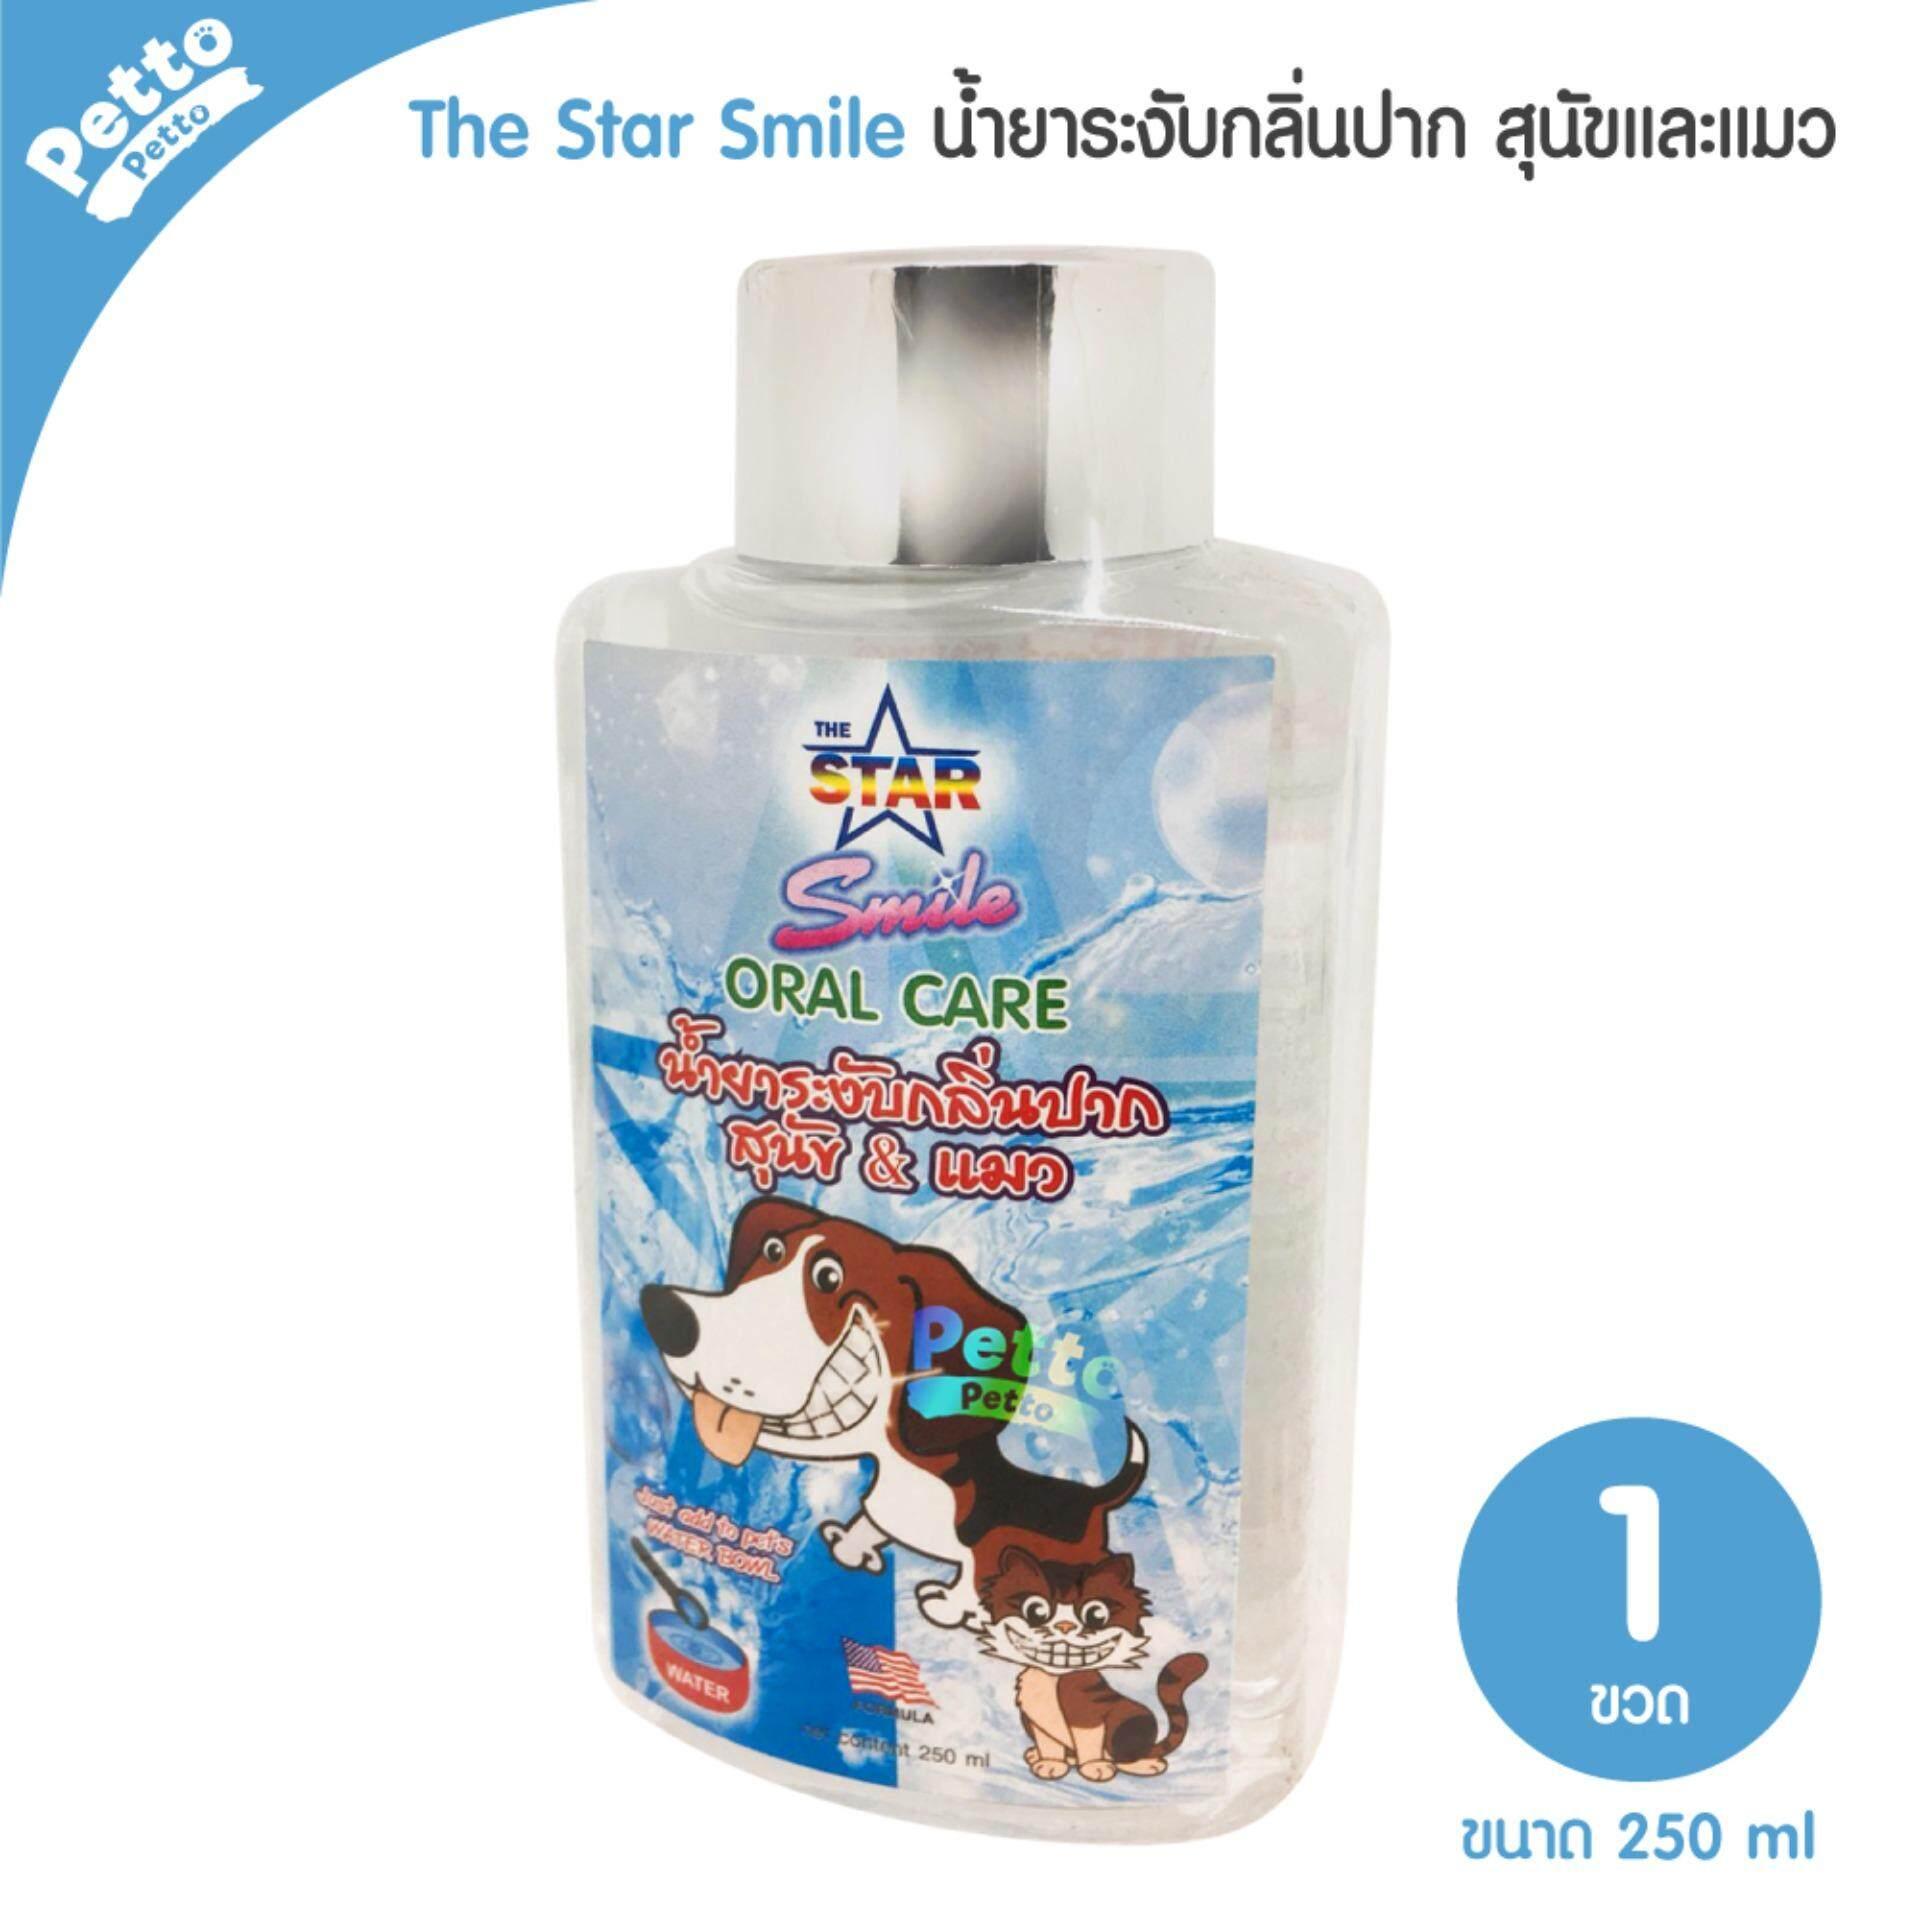 The Star Oral Care น้ำยาระงับกลิ่นปากสุนัข & แมว สูตรผสมน้ำ 250 มล. By Petto Petto.